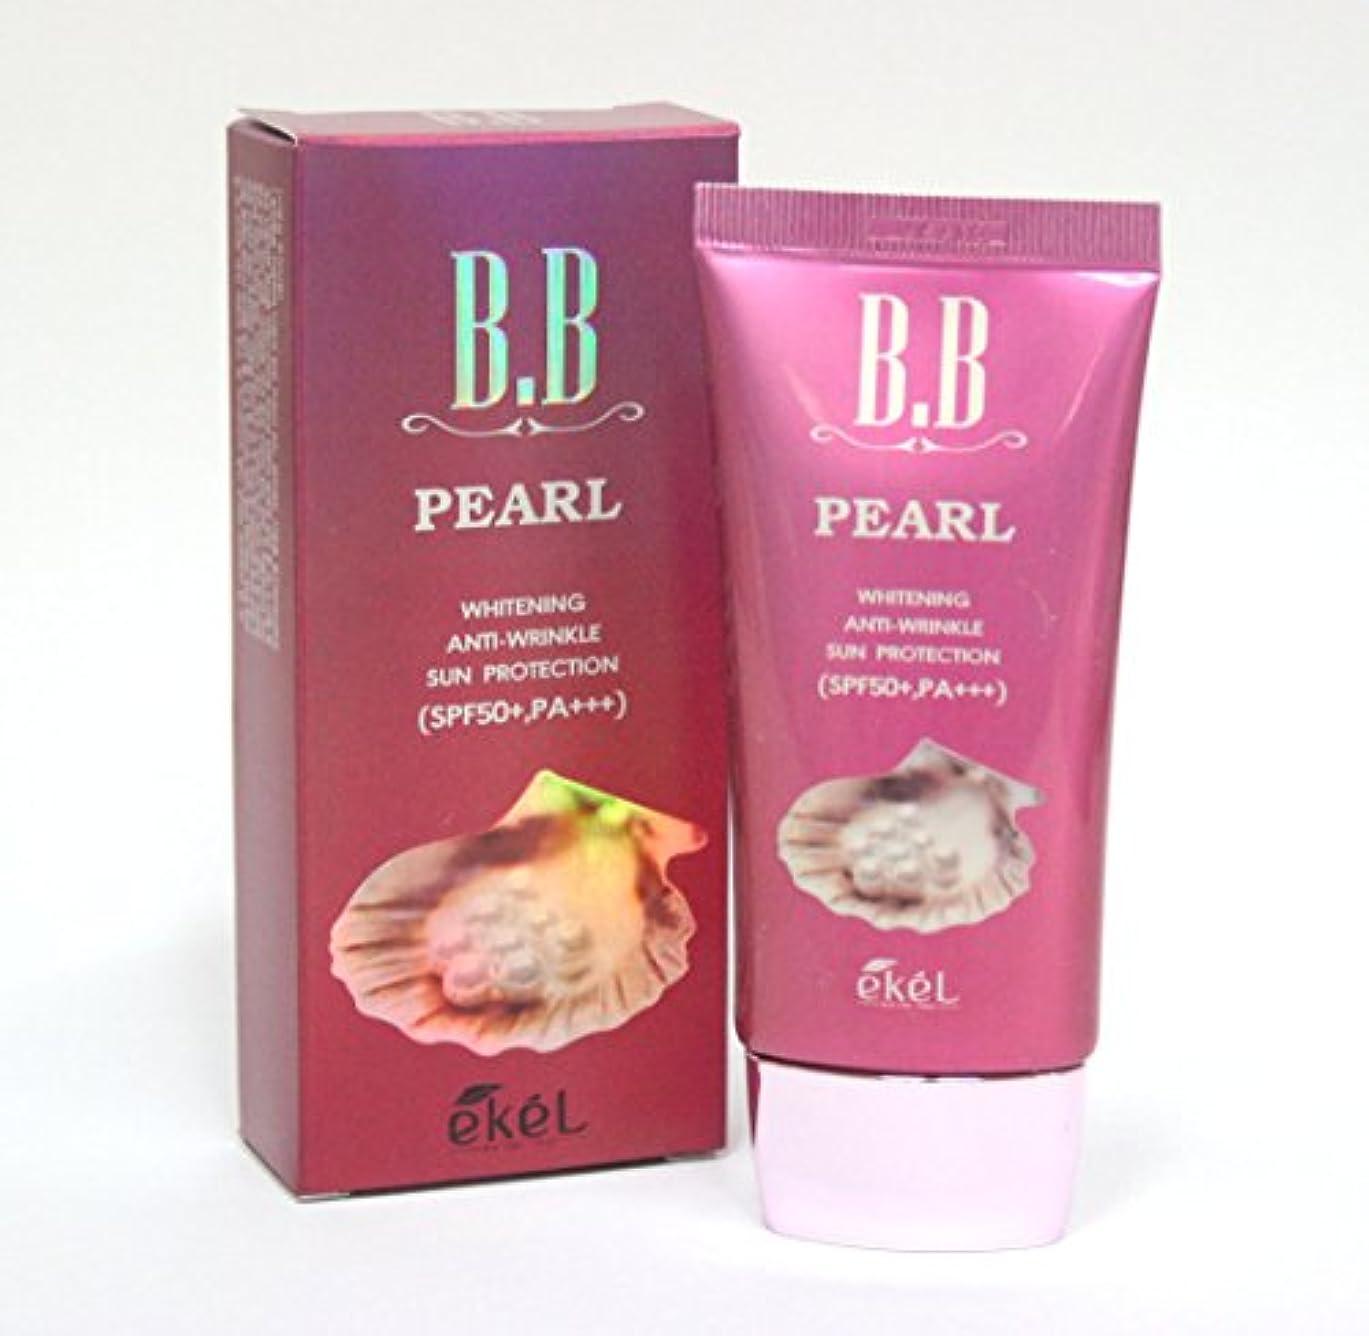 カフェ尊敬きゅうり[Ekel] パールBBクリーム50ml / Pearl BB Cream 50ml / ホワイトニング、アンチリンクル、日焼け防止SPF50 + PA +++ / Whitening, Anti-wrinkle, Sun...